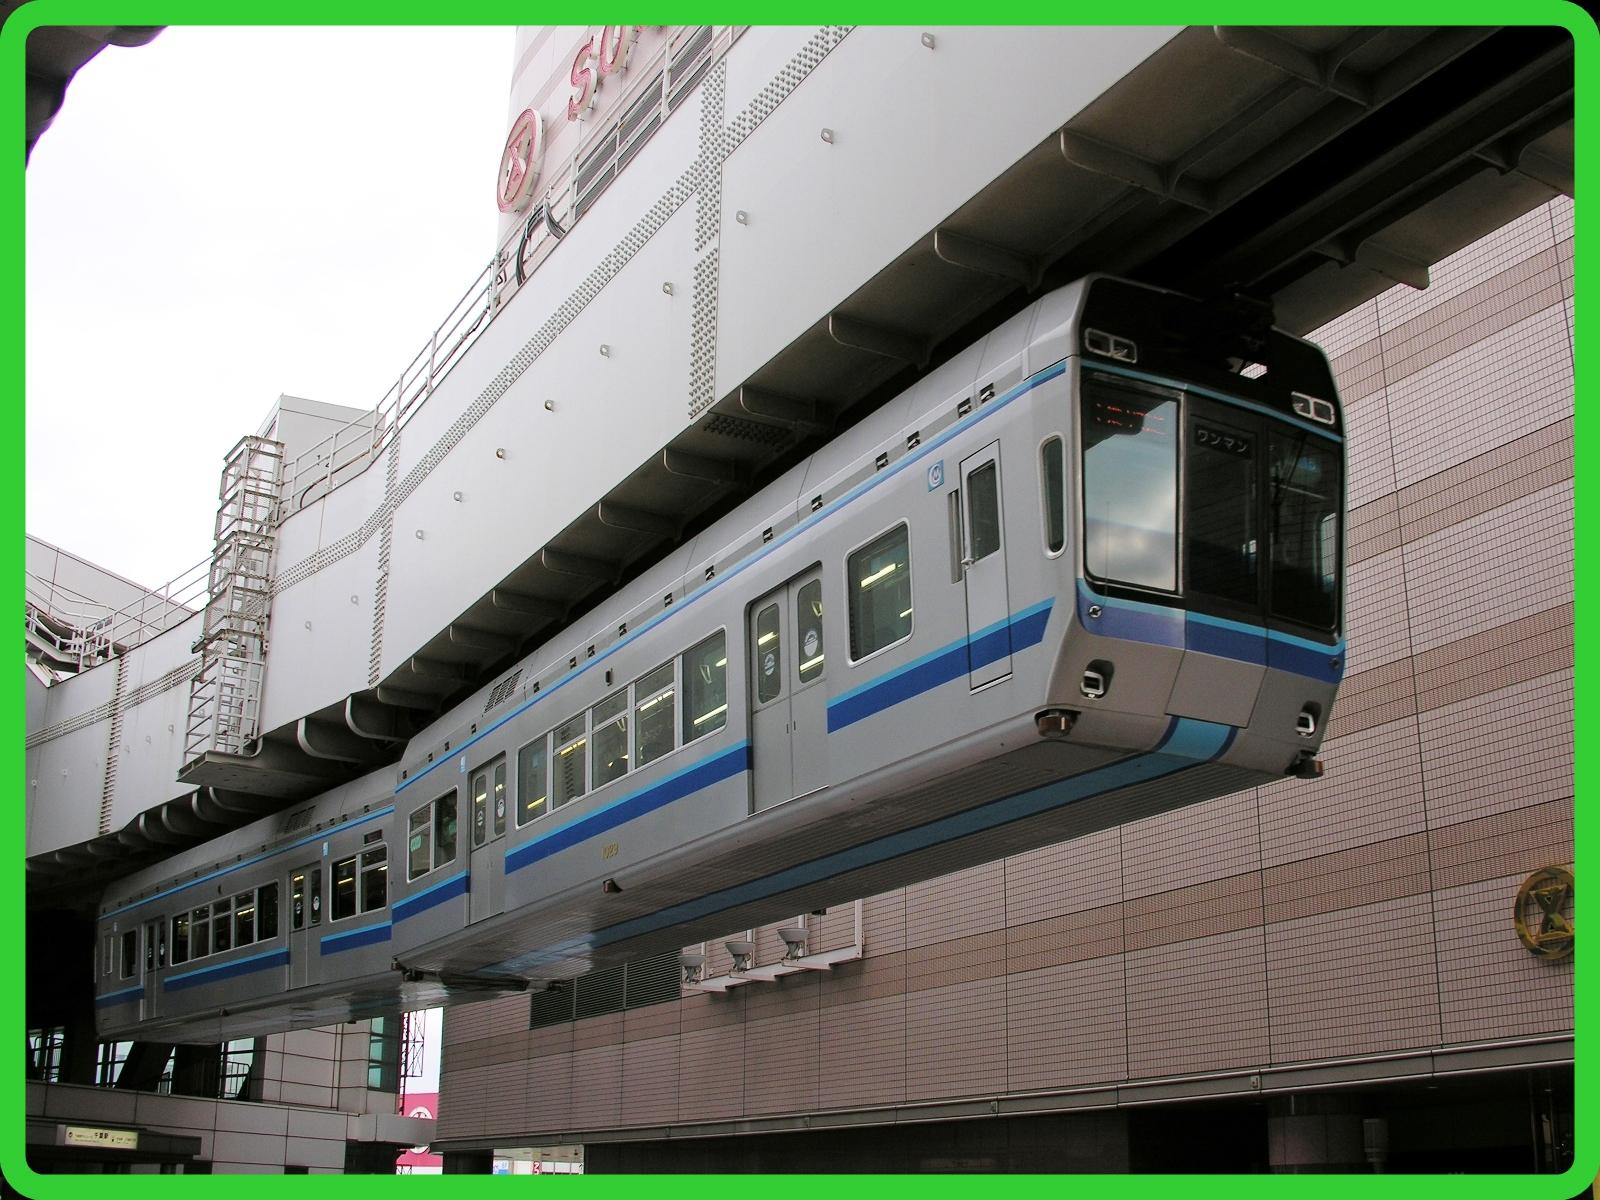 千葉都市モノレール1000形2028年までに引退 0形車両で全編成が置き換え・廃車へ